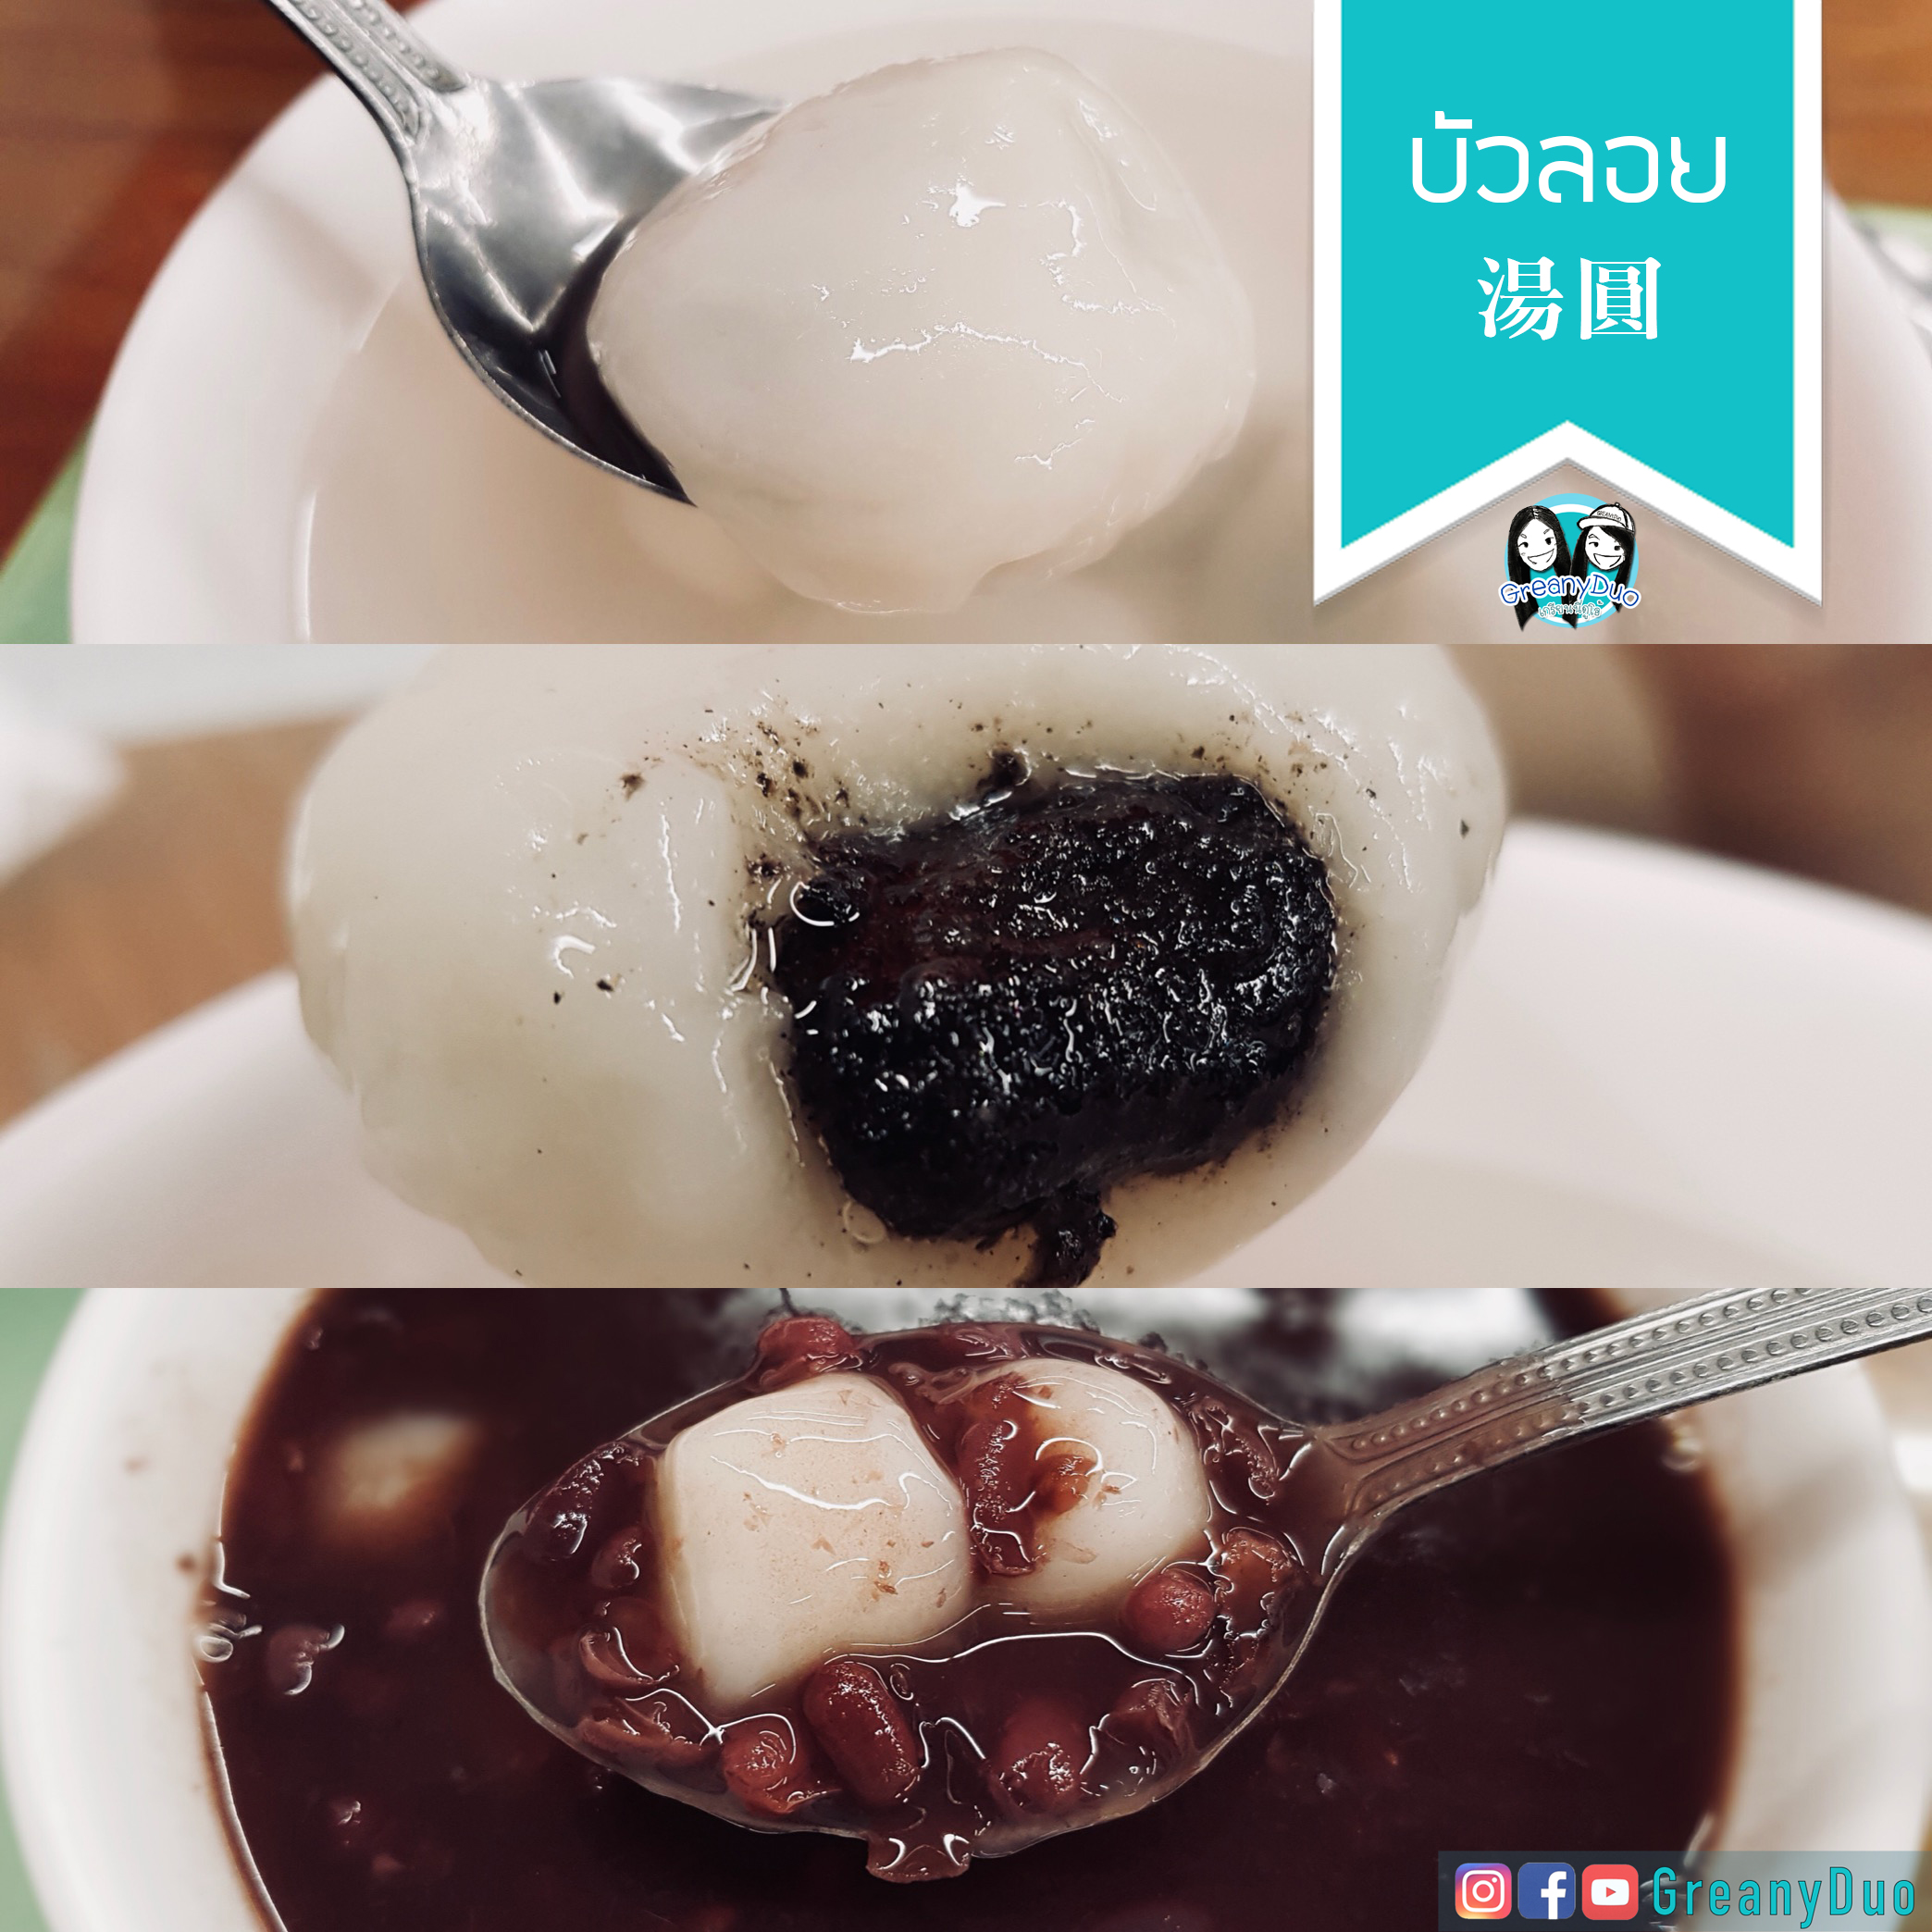 2. บัวลอย - 💛 台一牛奶大王📍 Gongguan Night Market📍https://goo.gl/maps/uPhbV9tbWRs💸 60-65 NTD🤤 มาเดินเล่นตามตลาดกลางคืนไทเป จะเห็นว่ามีขายบัวลอยทุกตลาดแน่นอน แต่ถ้าอยากลองเจ้าเด็ดต้องมาที่ตลาดกลาคืนกงกวนบัวลอยไส้งาดําทะลักๆ หรือจะลองบัวลอยถั่วแดงต้มดีนะ ออเจ้าอยากลองอะไรก่อนดีค่ะ (: